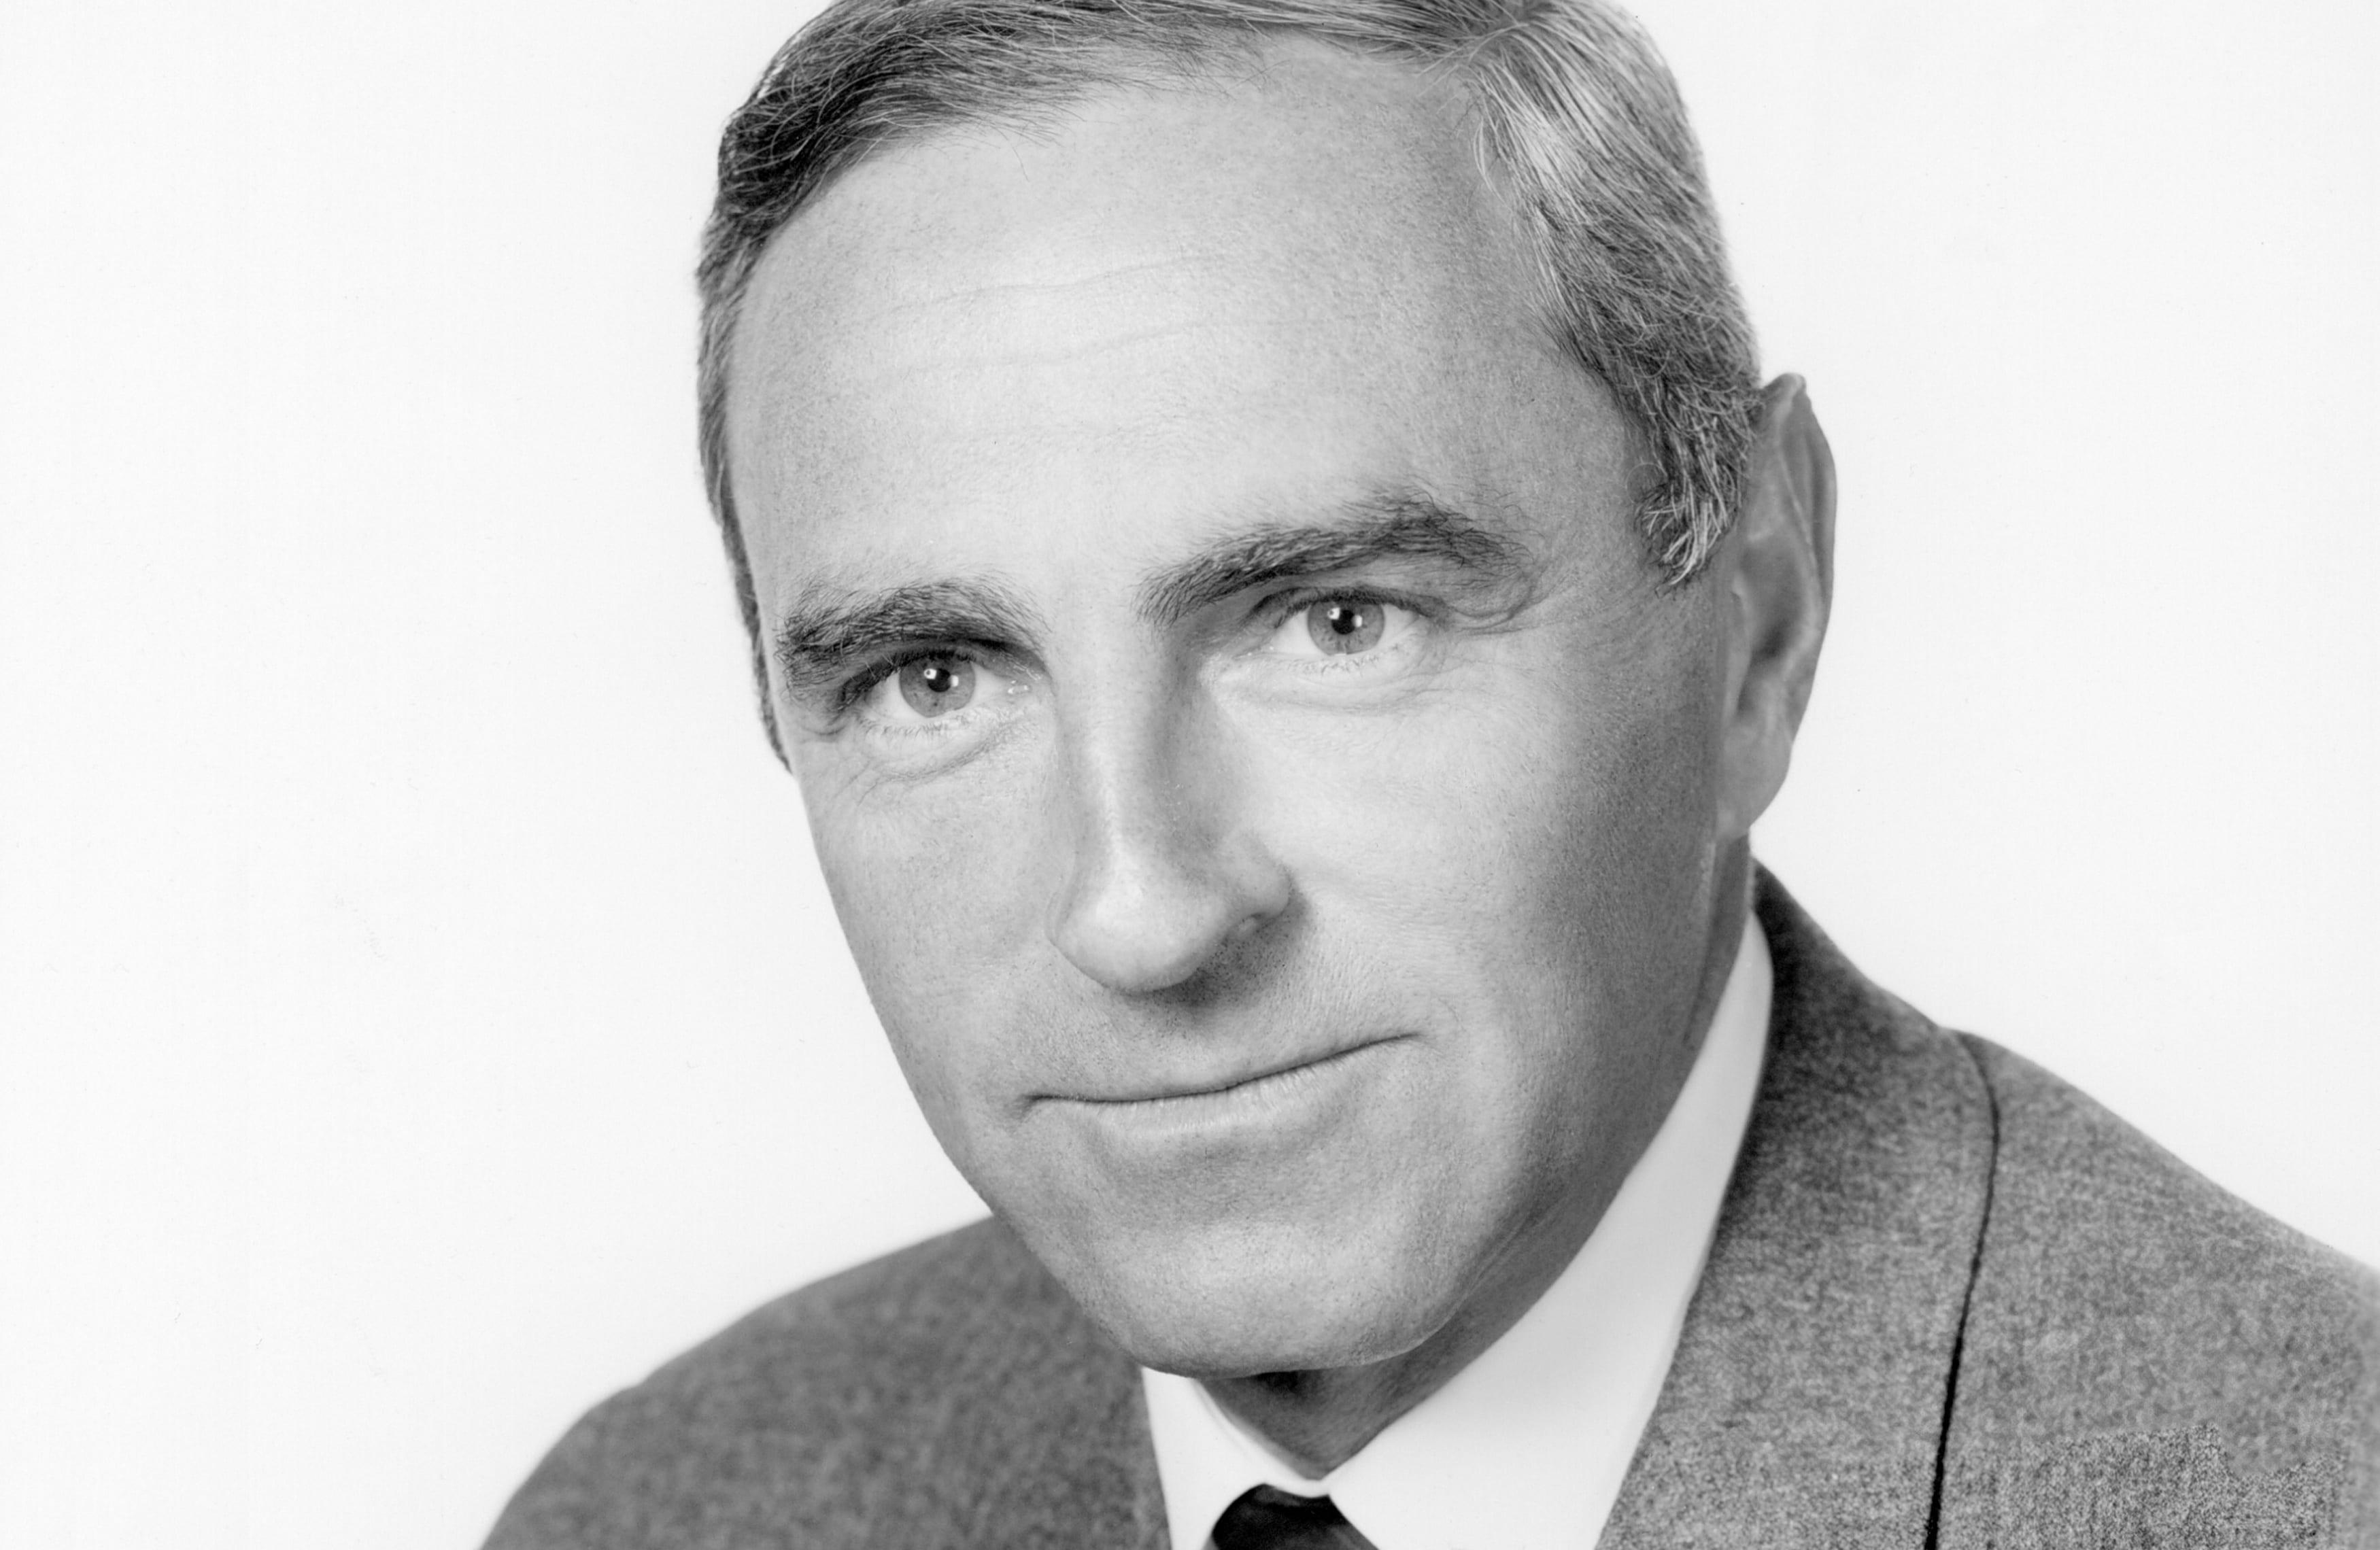 Richard O. Fleischer